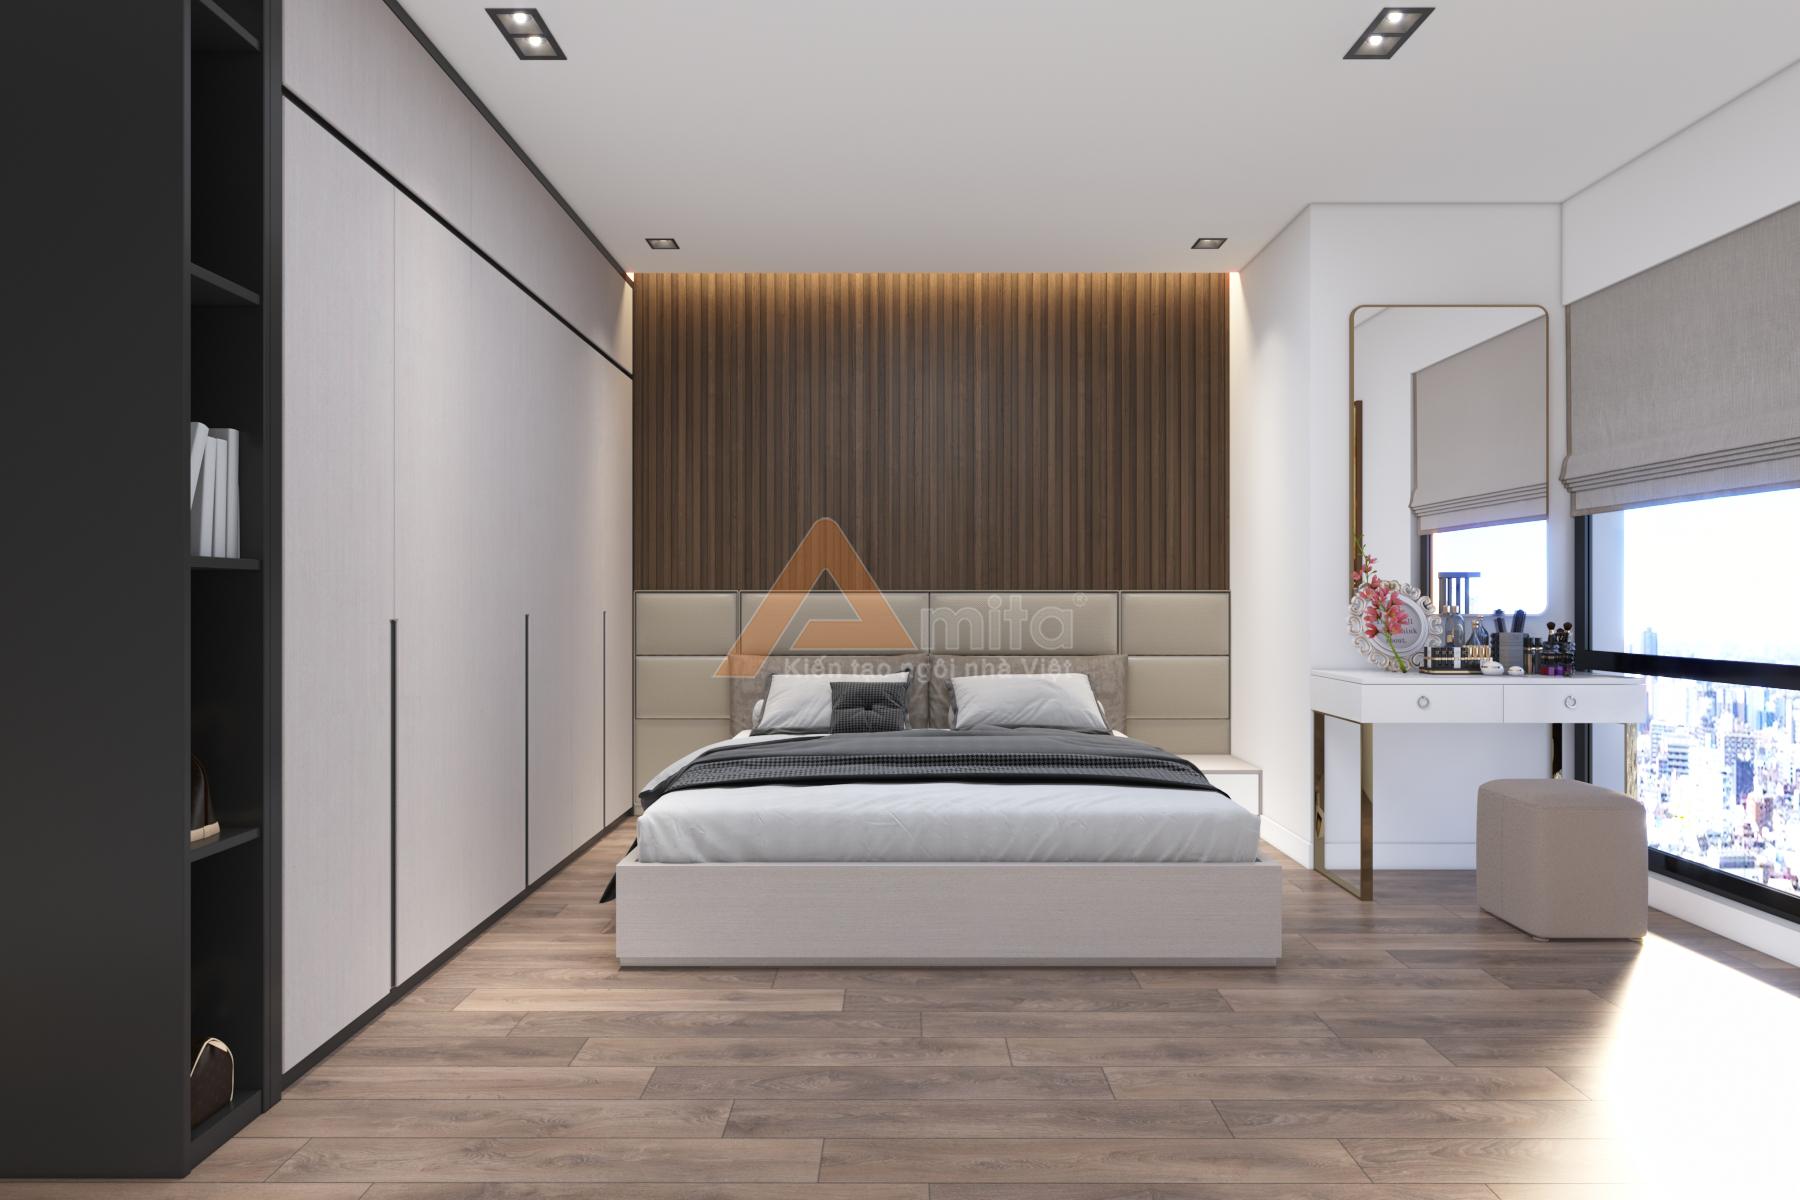 thiết kế nội thất chung cư tại Hà Nội Chung cư New Skyline - Văn Quán 8 1572341530